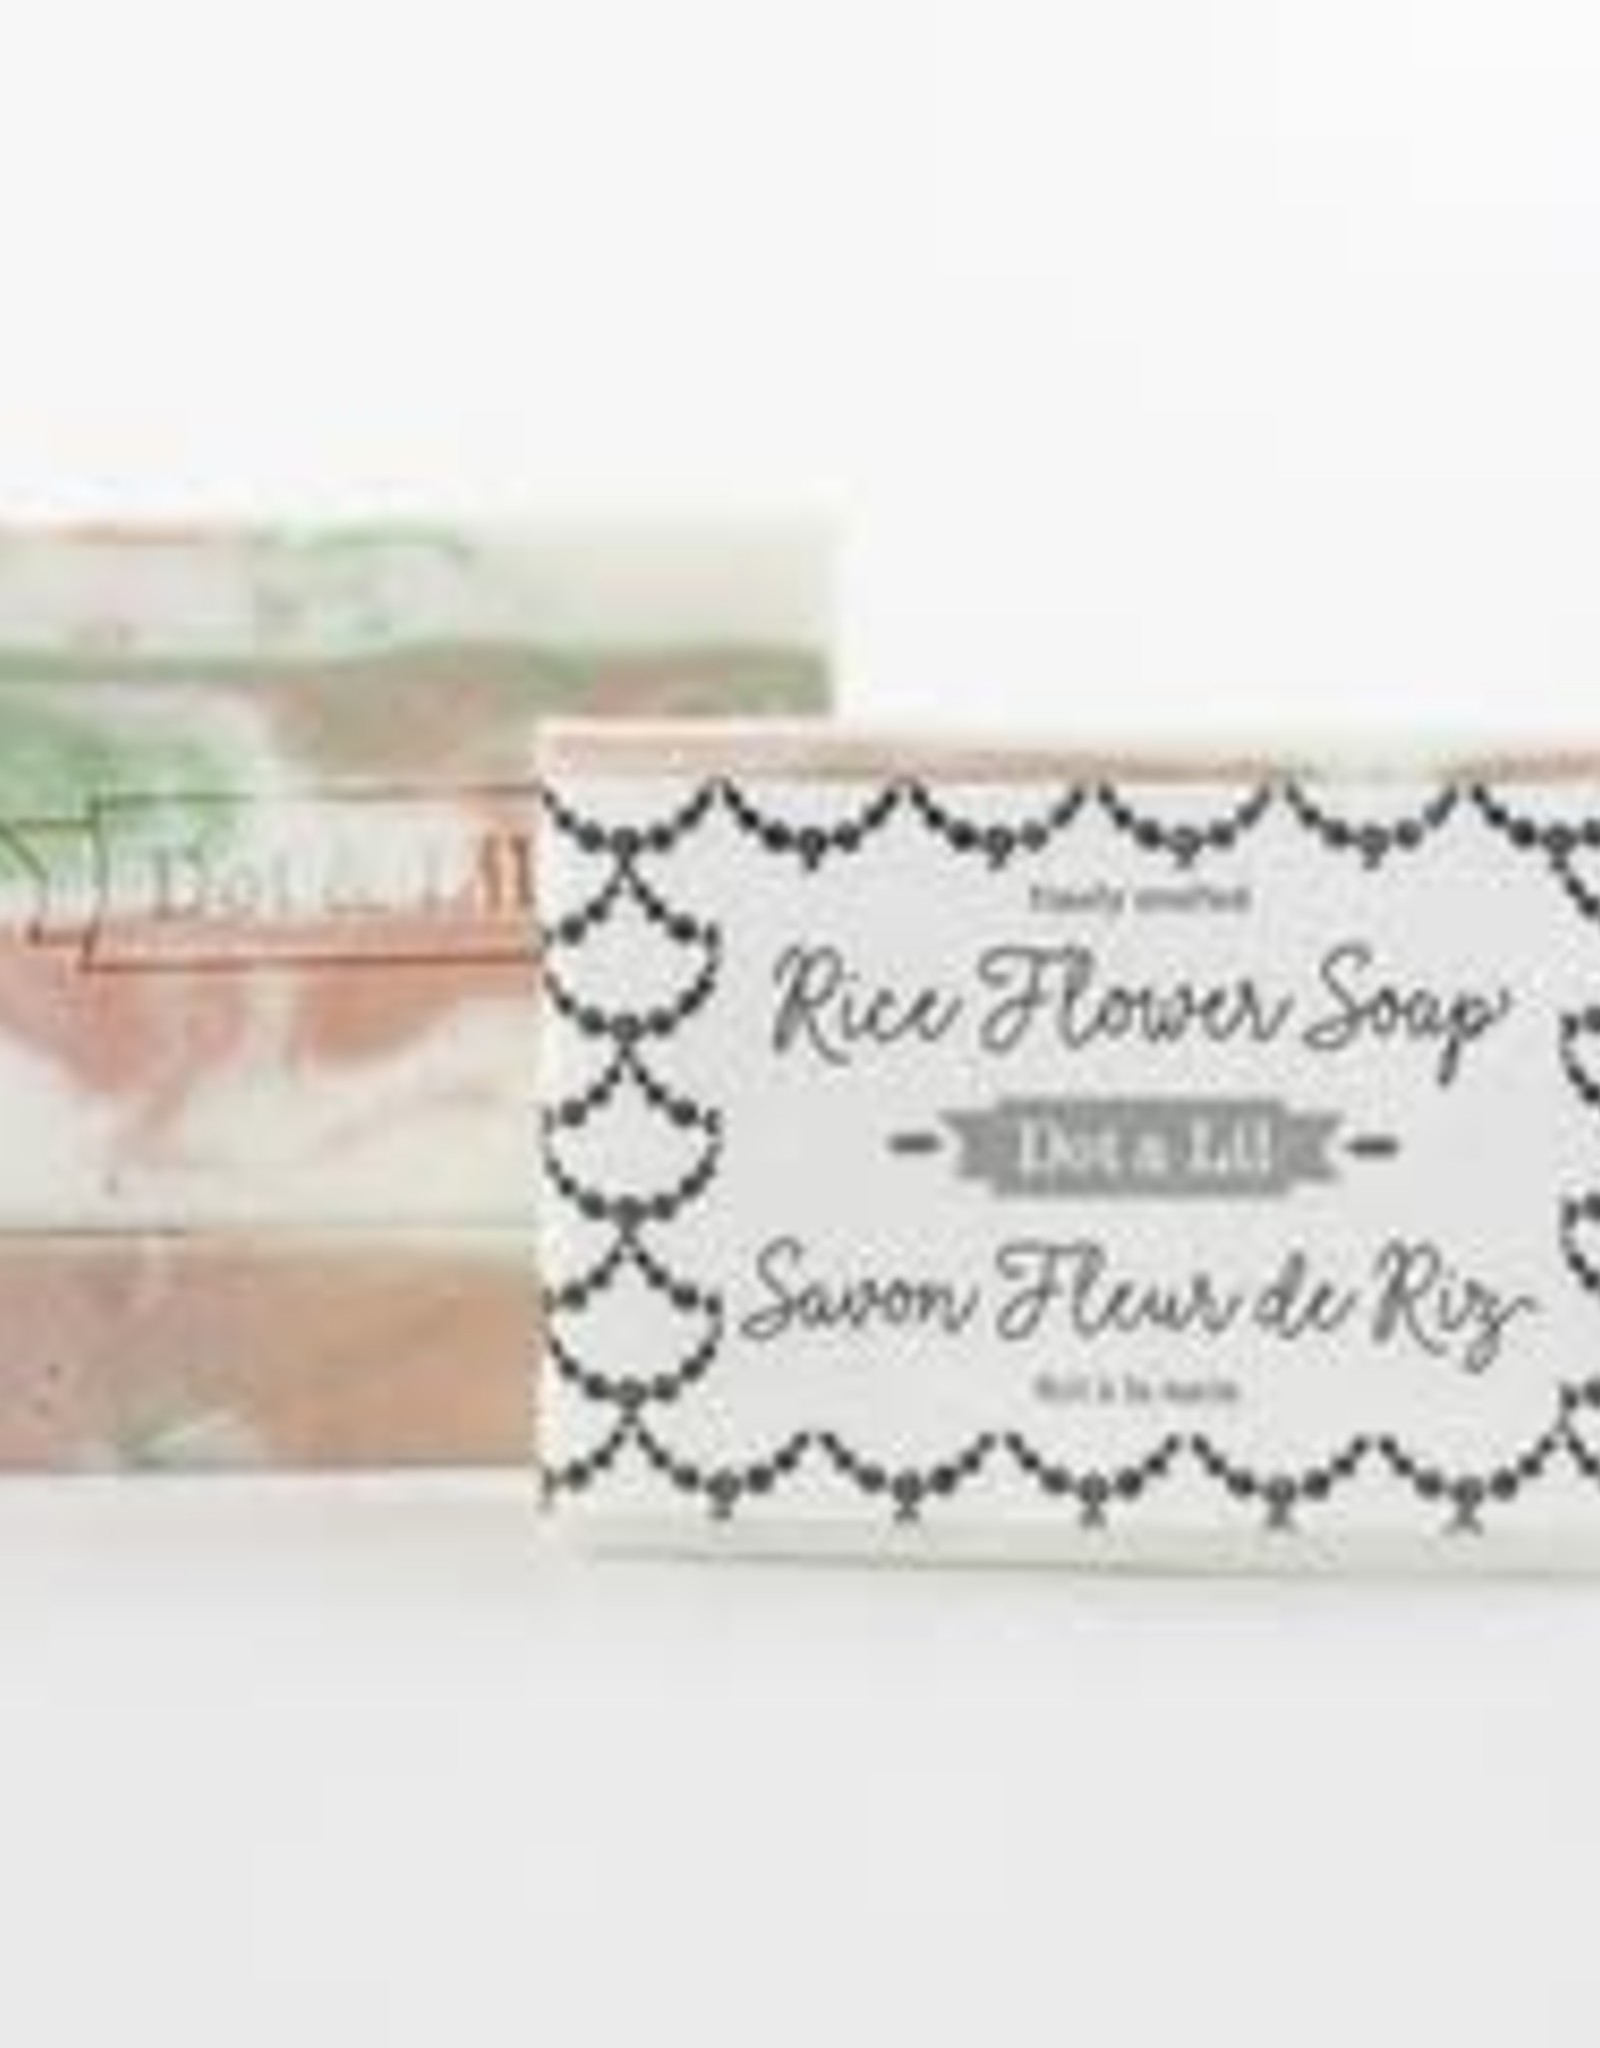 Rice Flower Soap